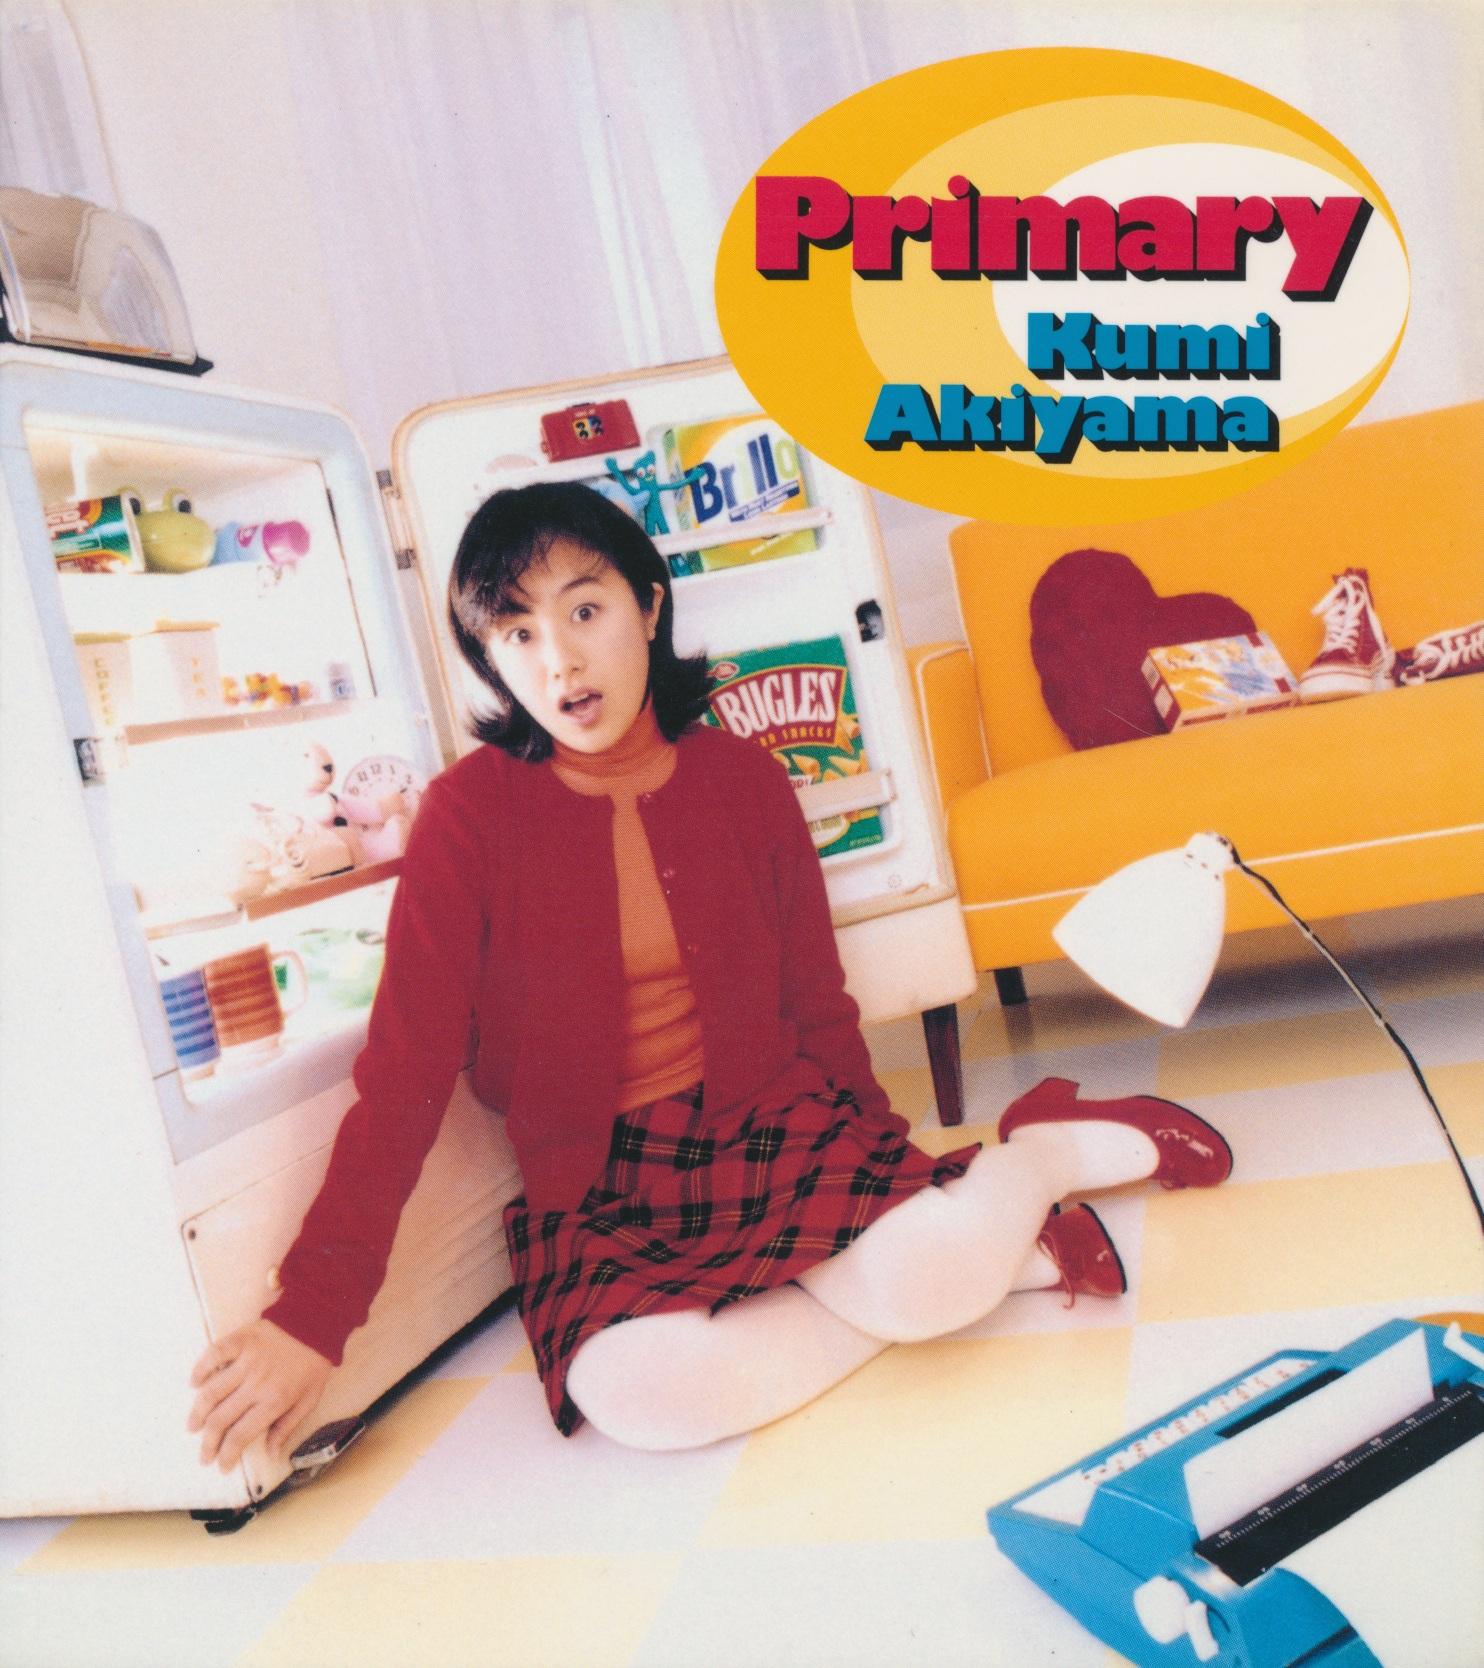 20180417.1451.5 Kumi Akiyama - Primary (1997) cover.jpg